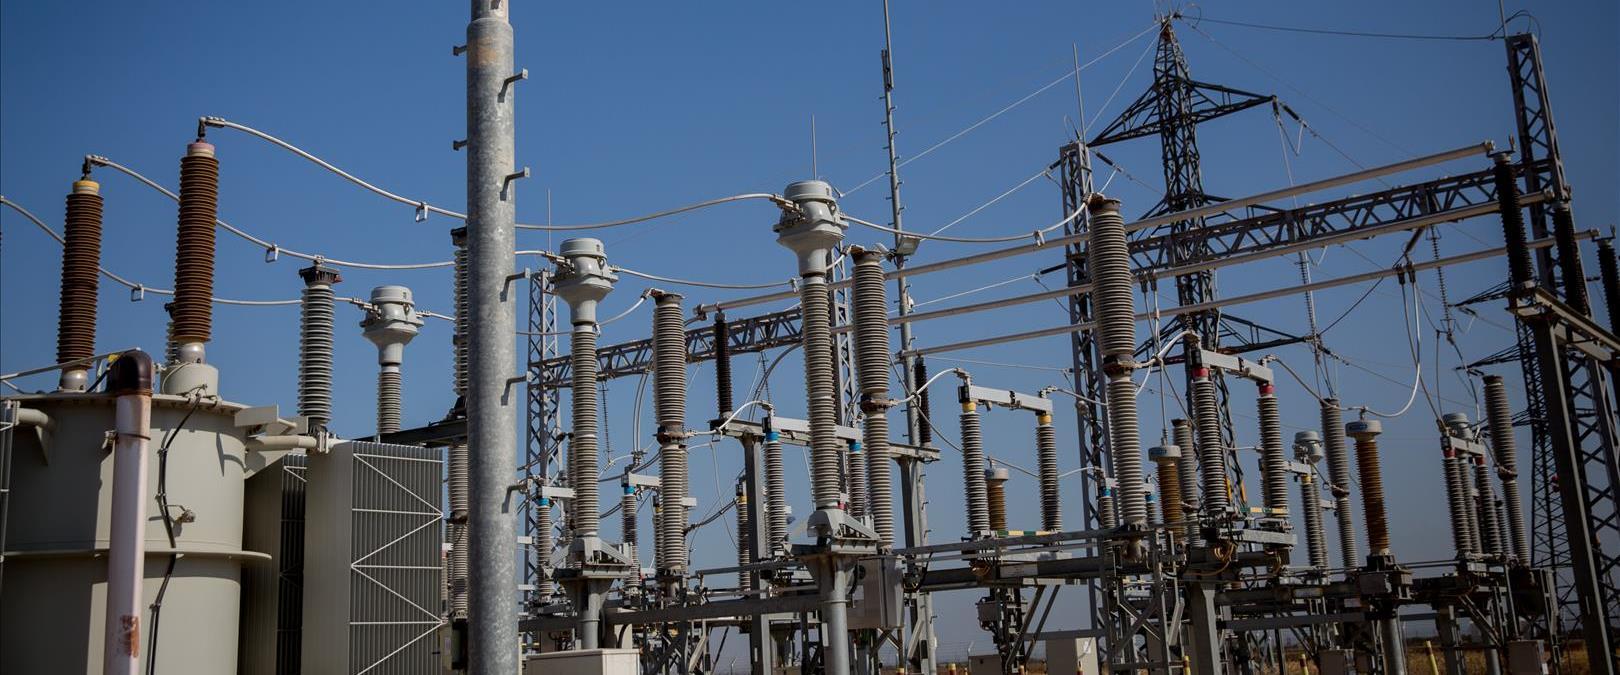 תחנת חשמל פלסטינית